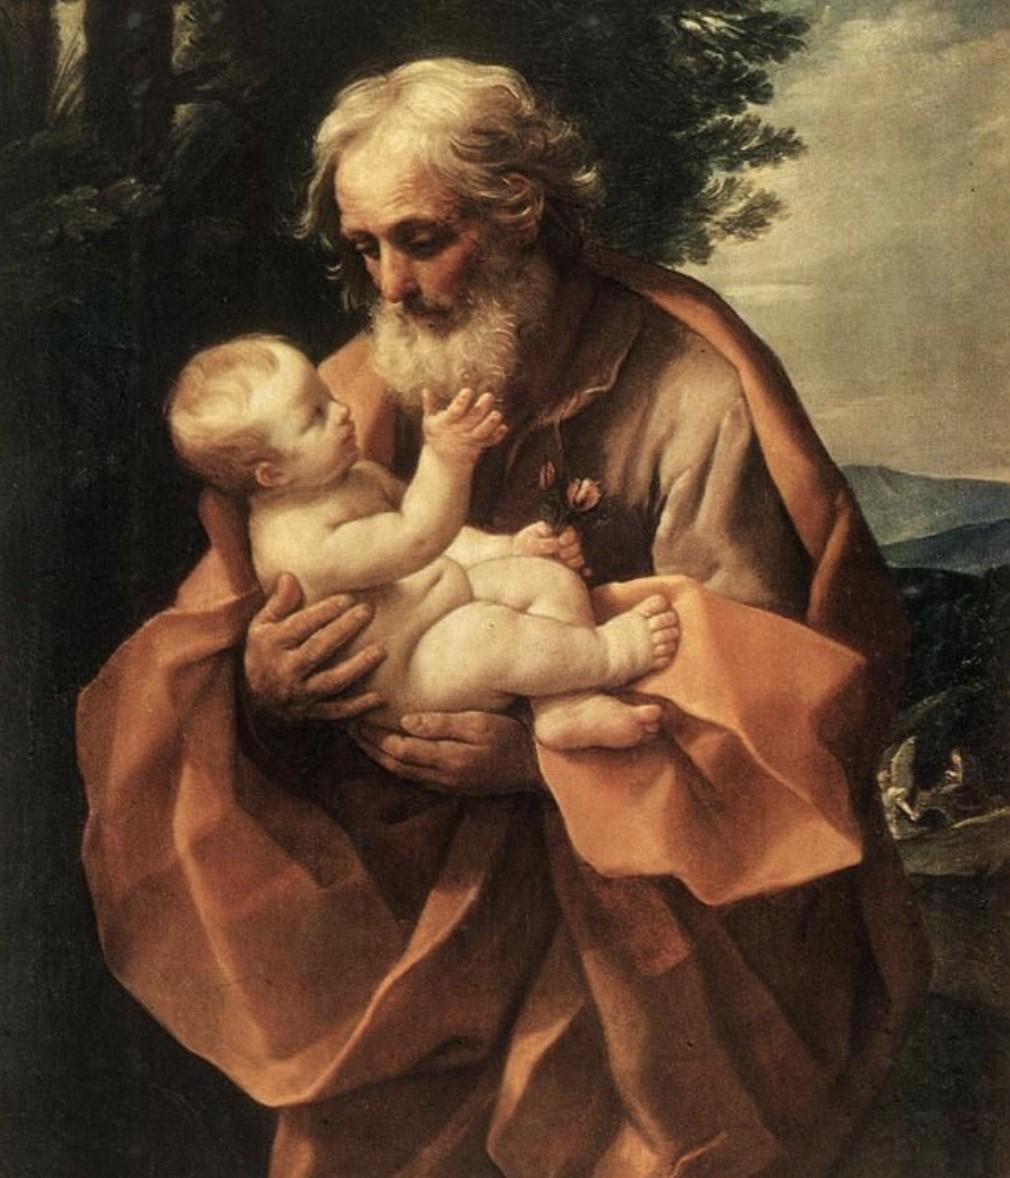 De vergeten oorsprong van Vaderdag